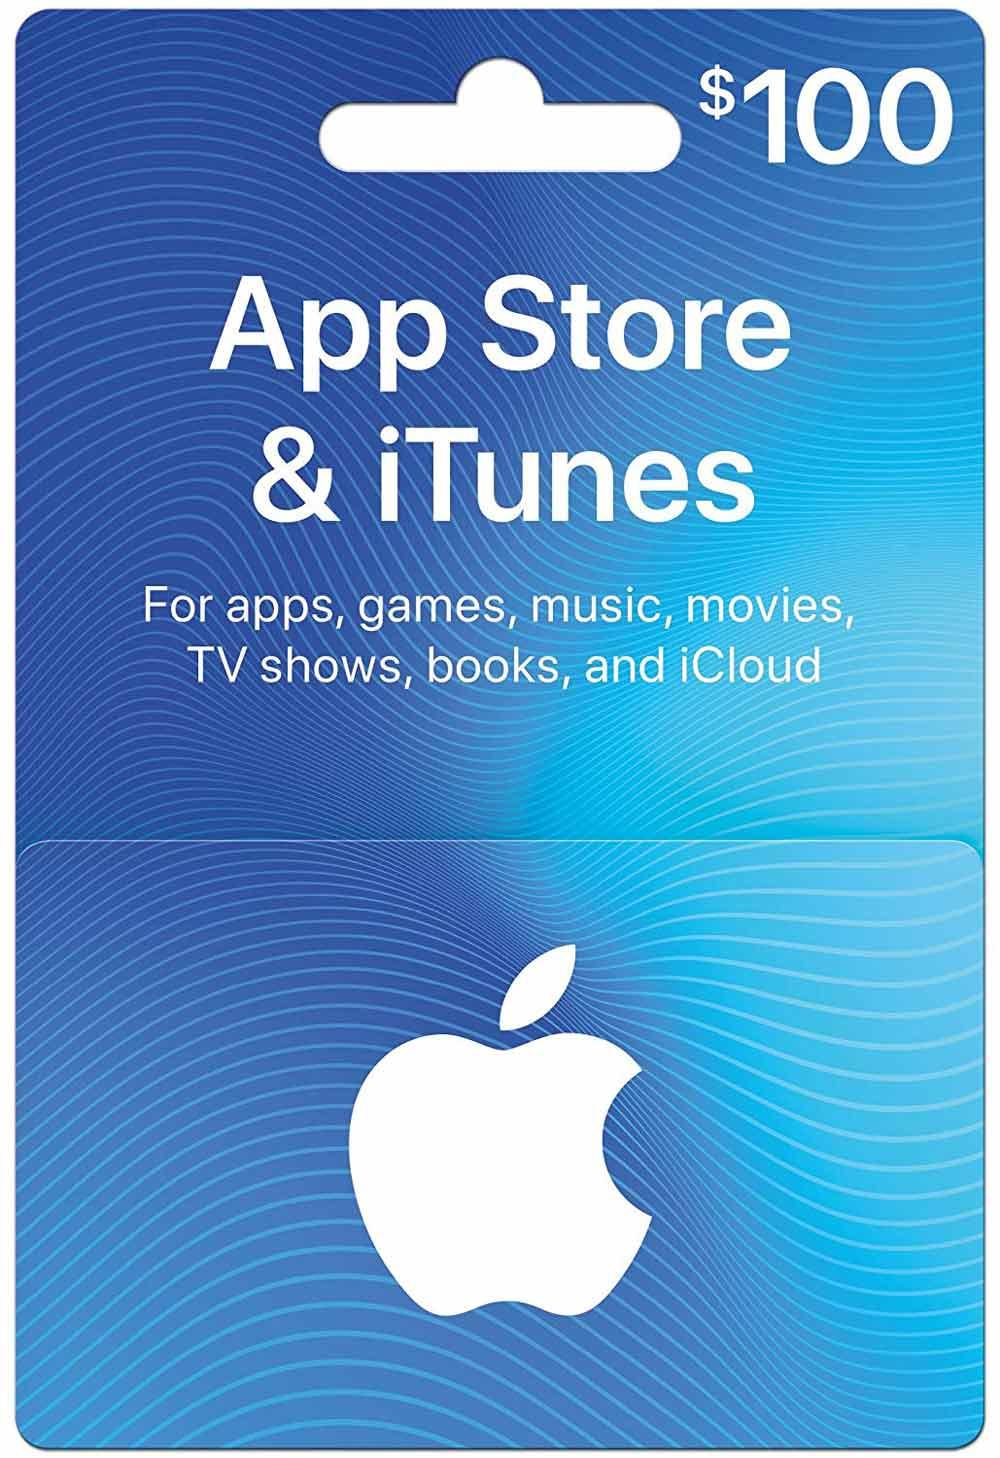 ارسال گیفت کارت اپل این روز ها به خصوص برای افرادی که از اپل موزیک استفاده می کنند